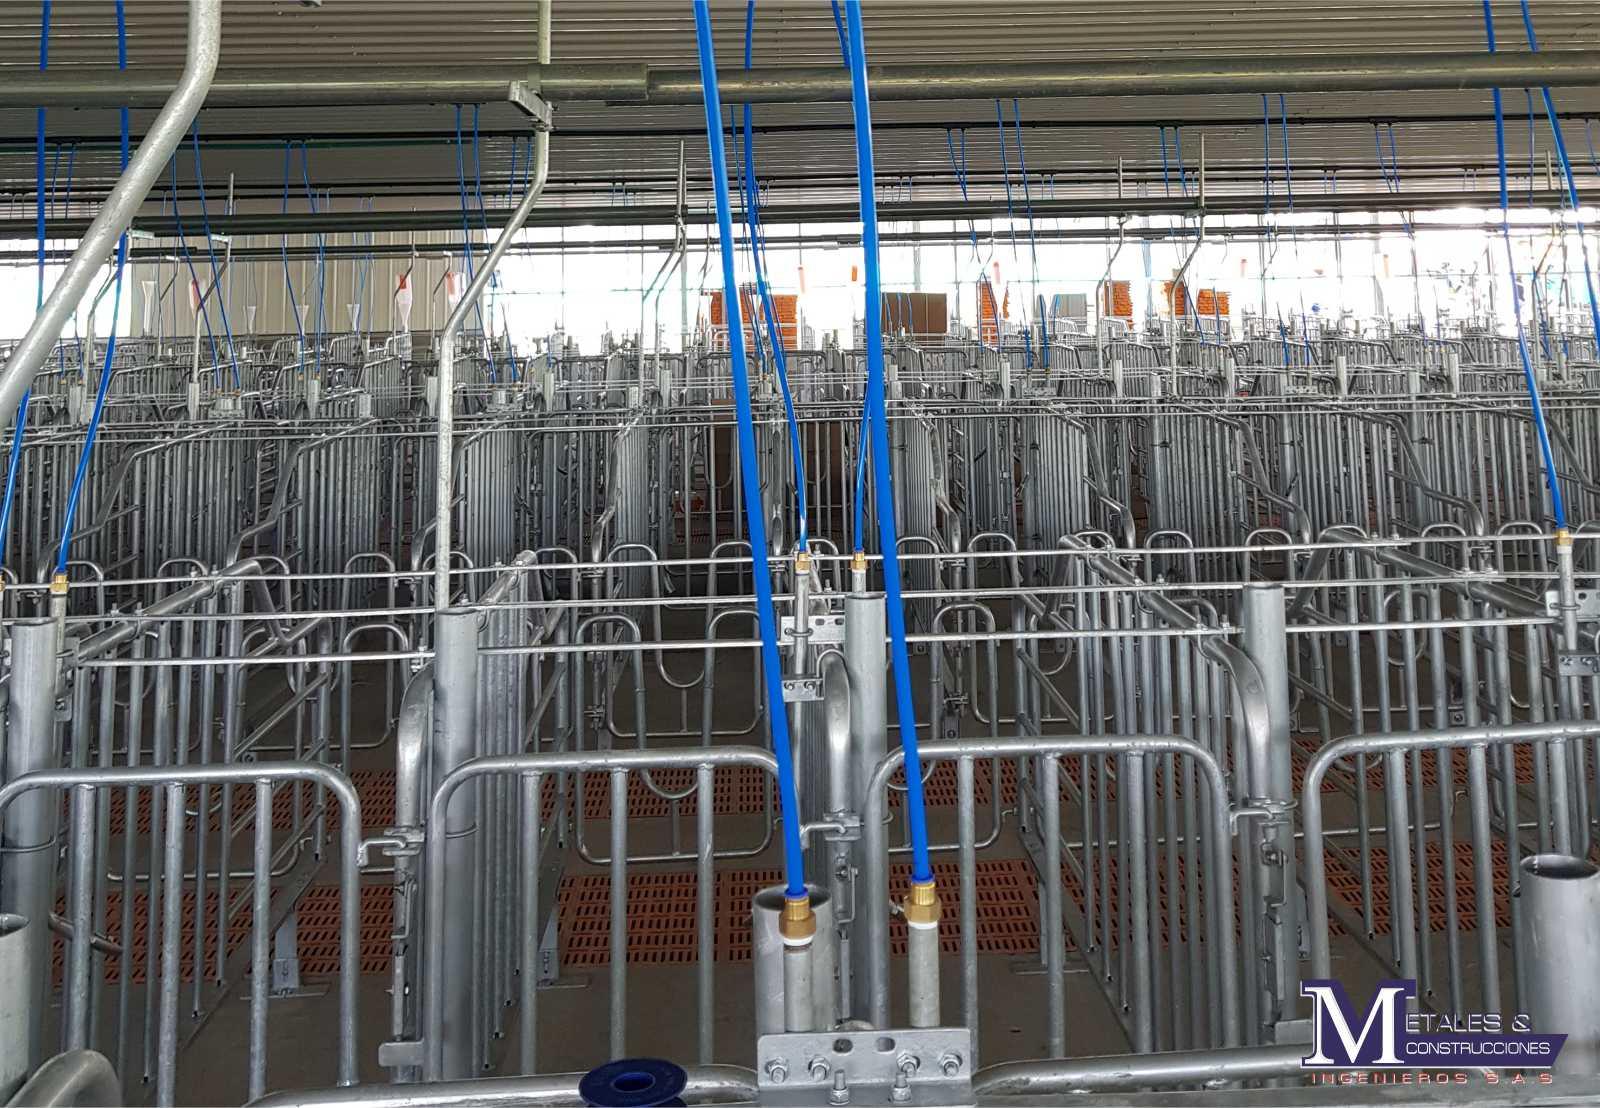 Porcicola Metales y construcciones 2002